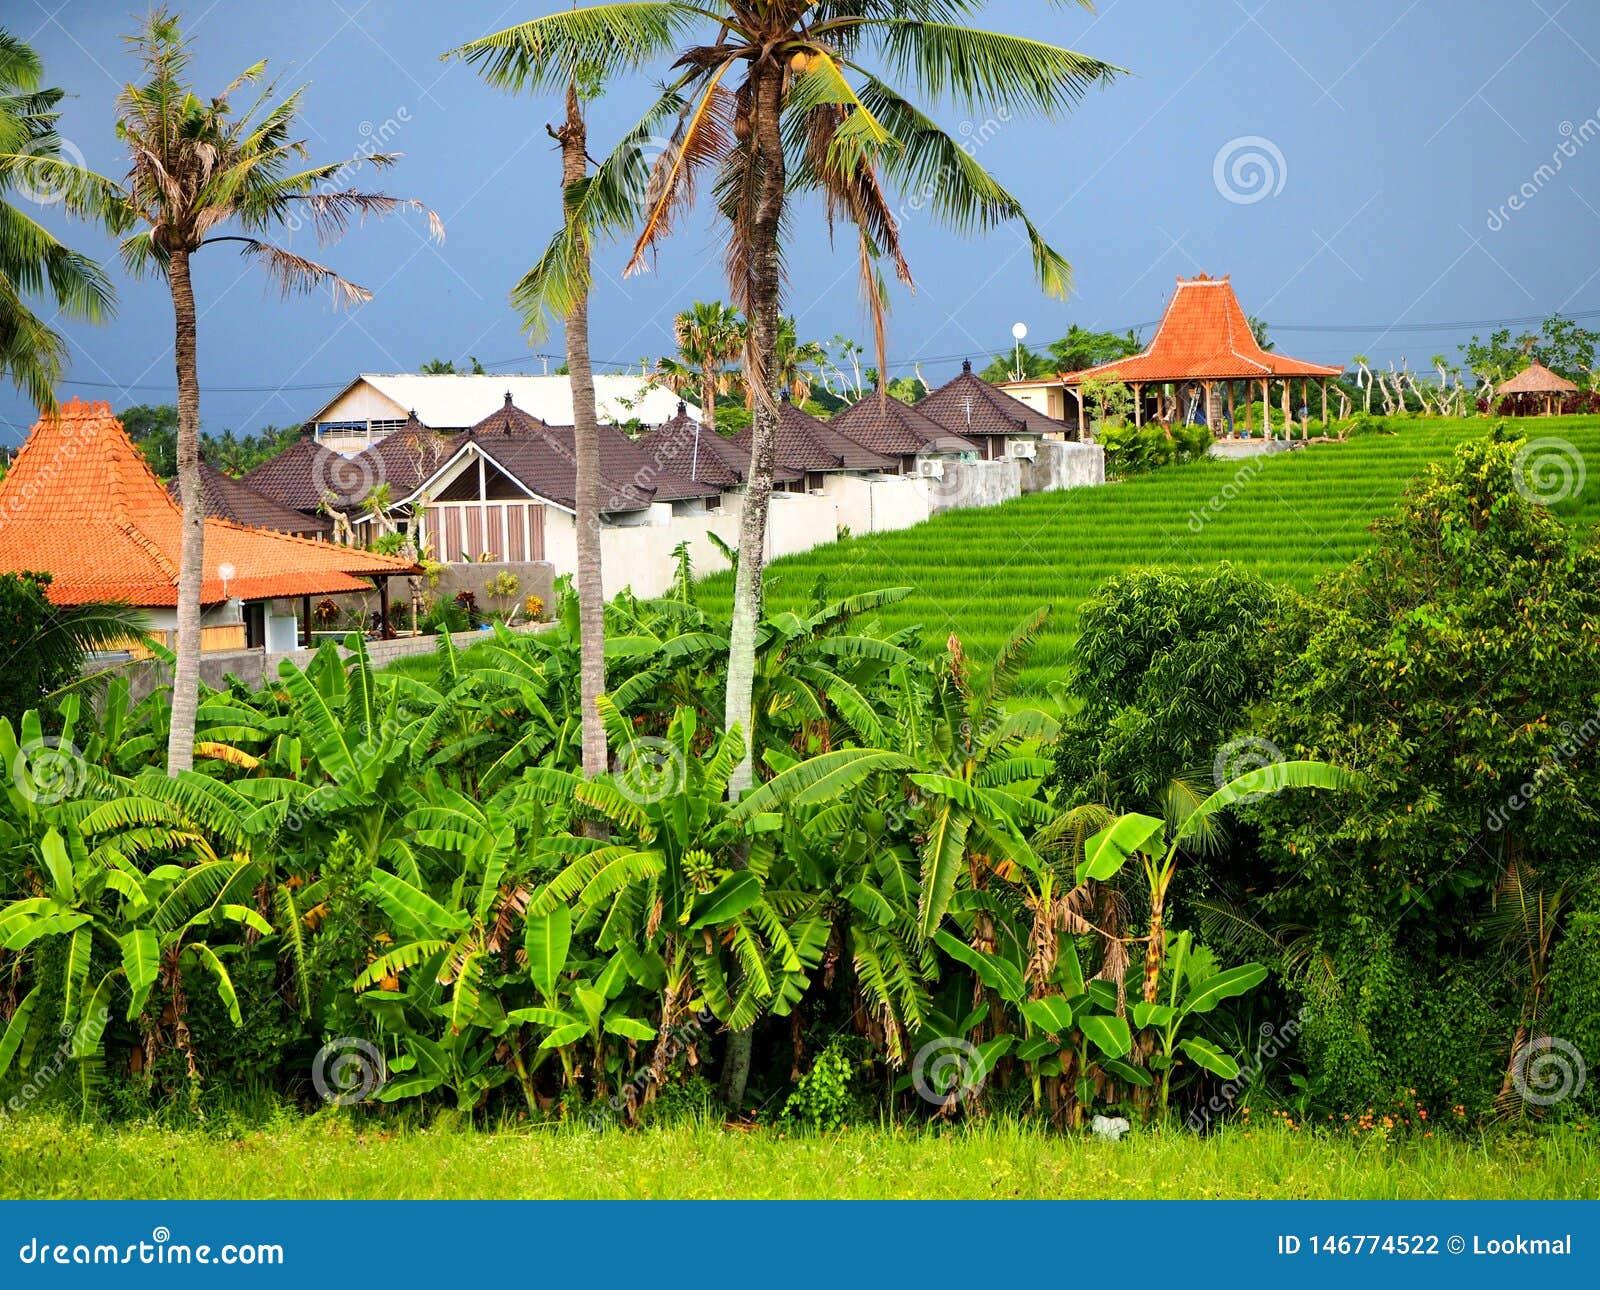 Campo verde autêntico do arroz em Canggu em Bali em um dia nublado